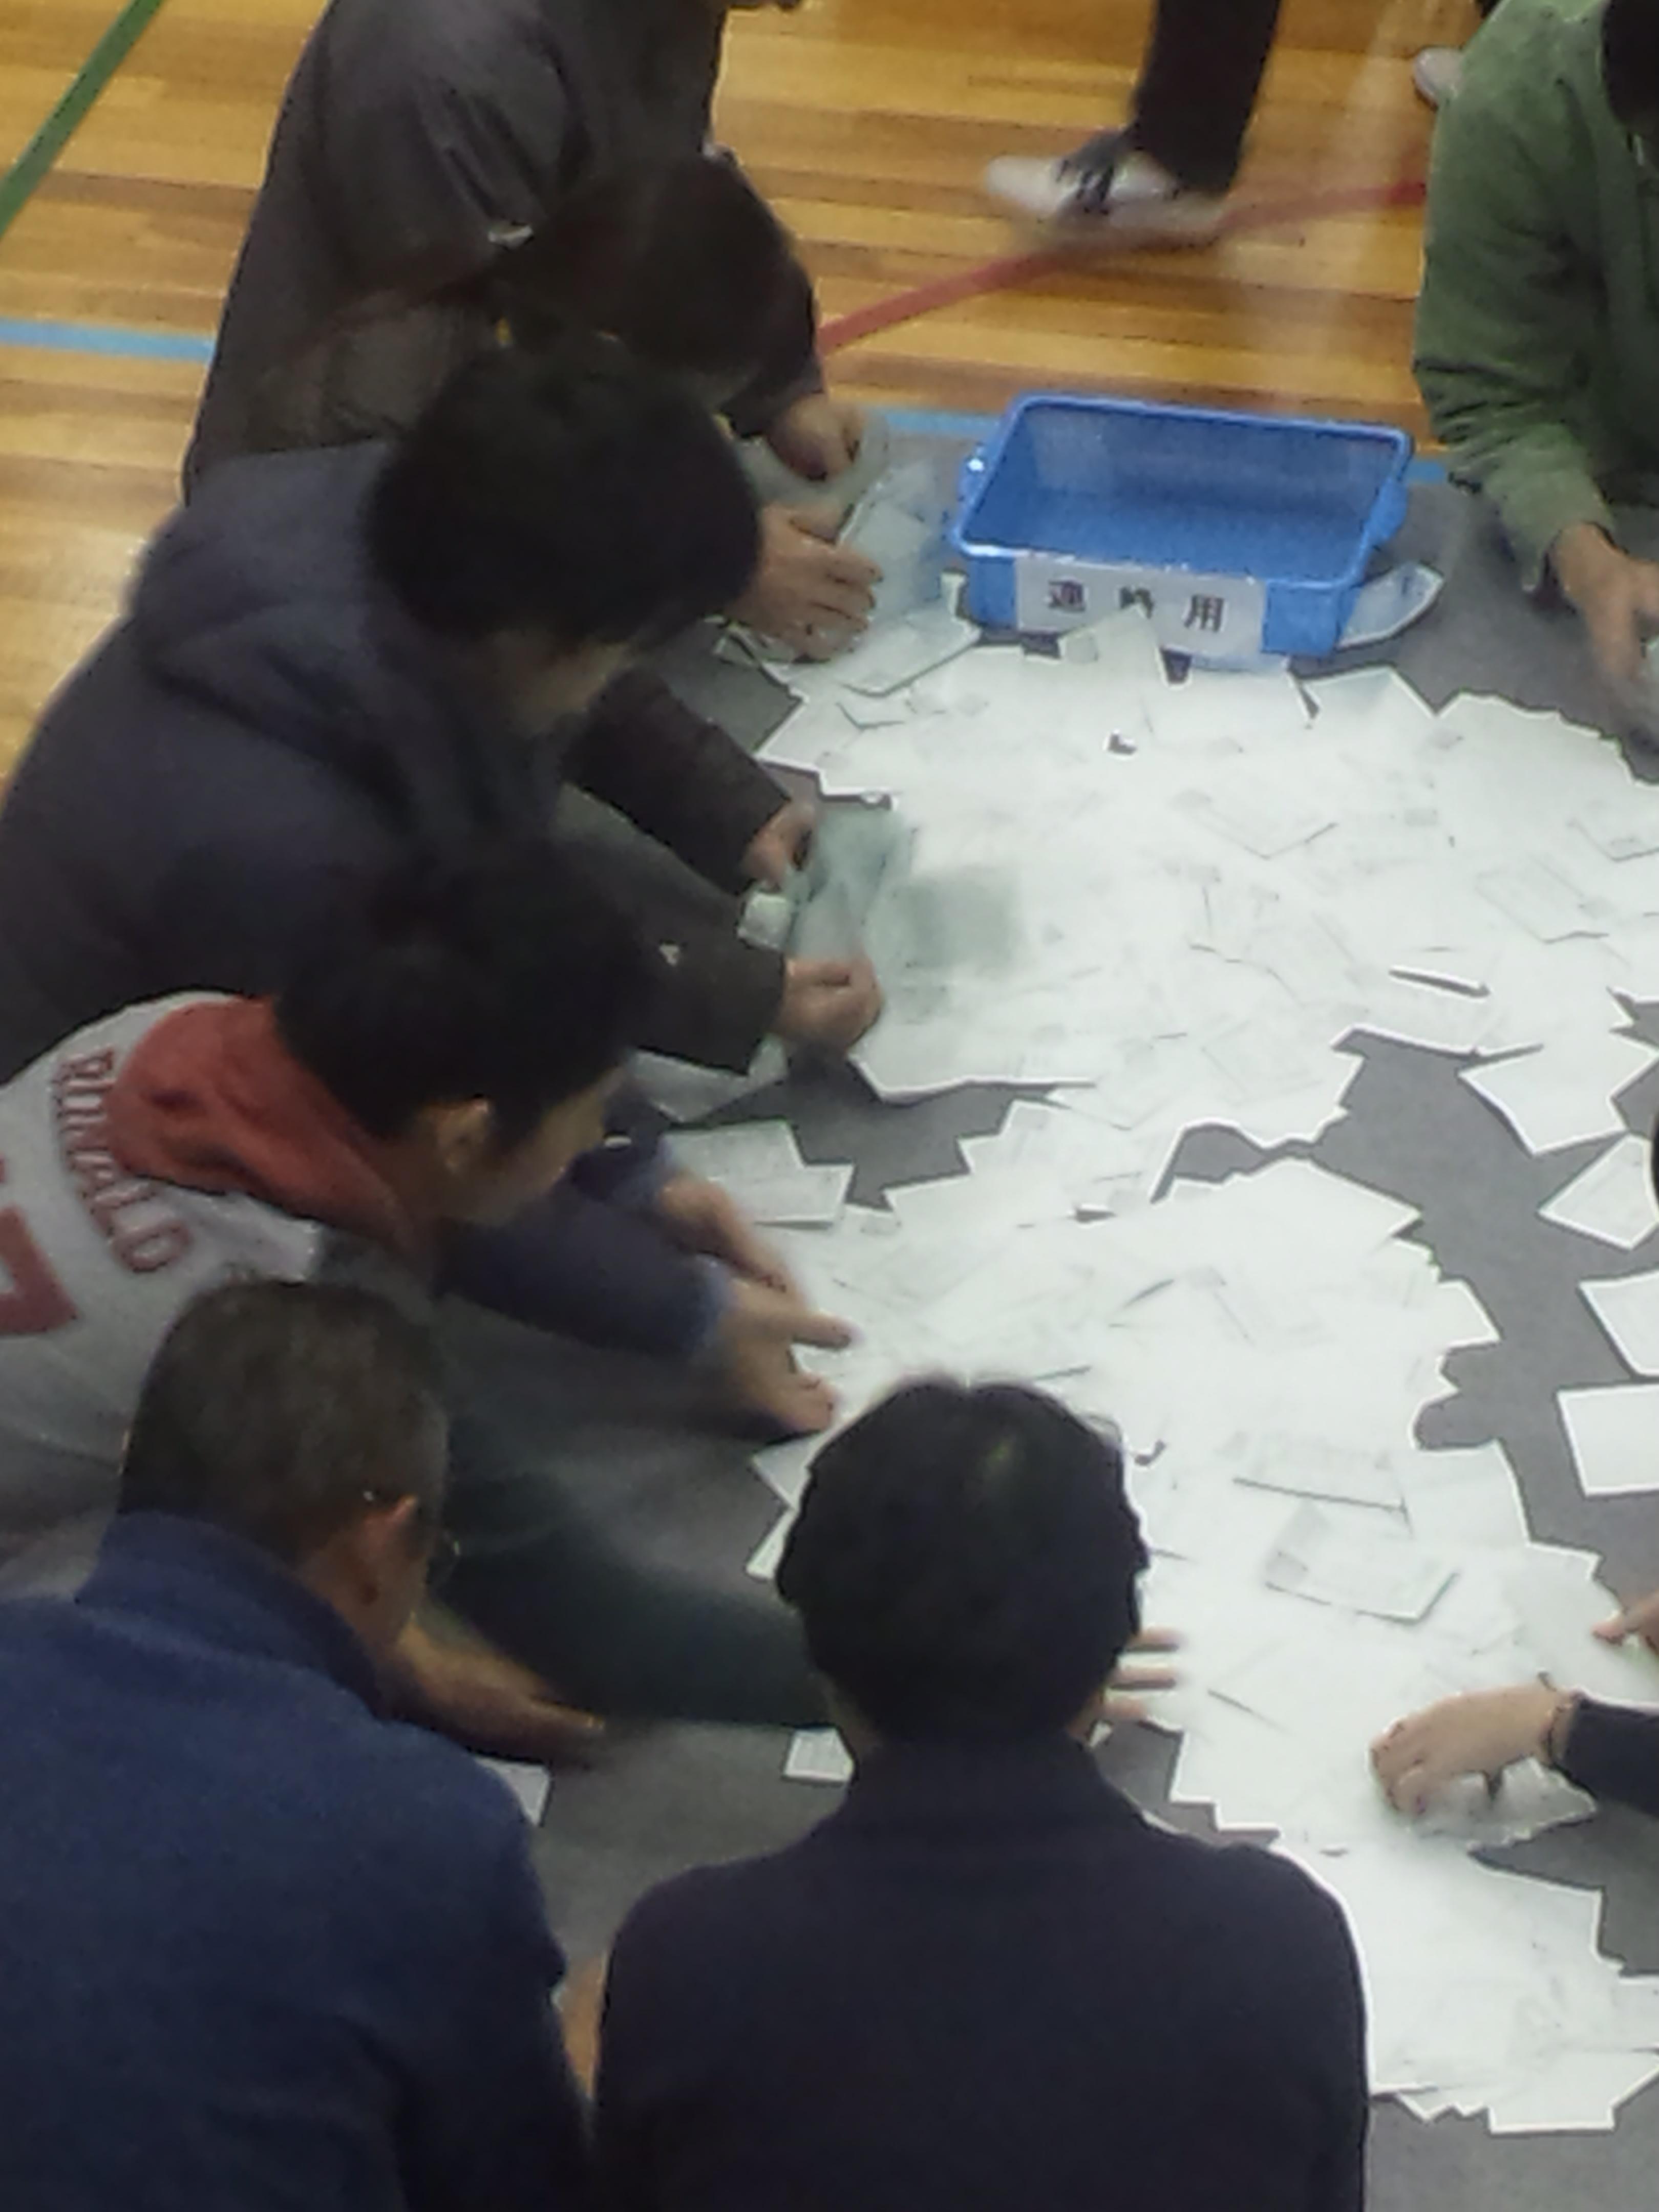 【岸和田市長選挙】岸和田の開票作業は、見える場所で行ってくれるので、親切